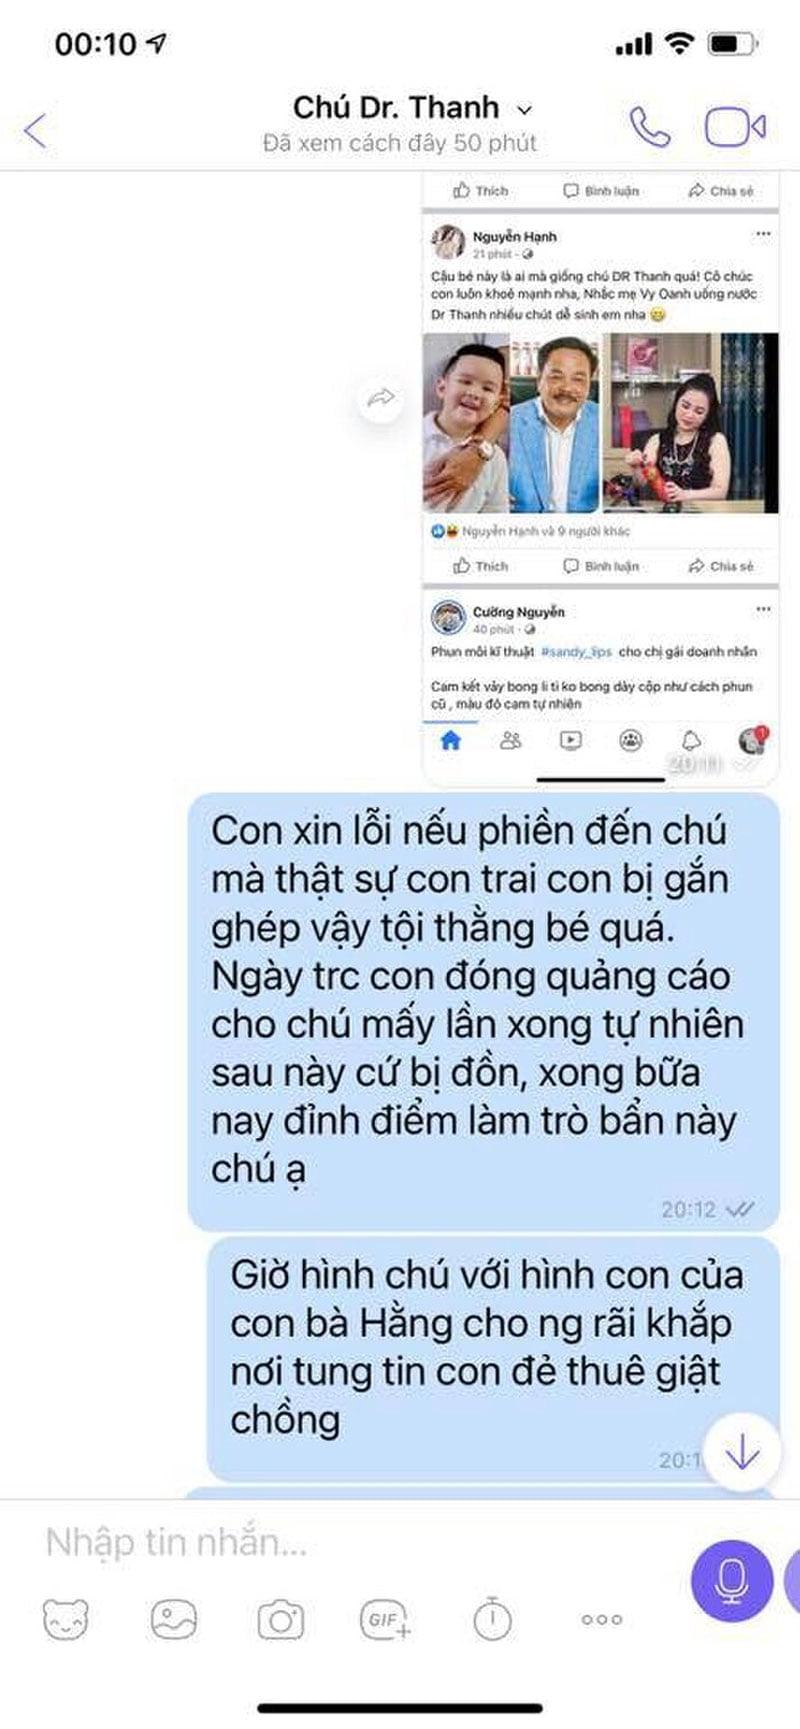 vy-oanh-khoi-kien-ba-phuong-hang-vi-vuot-qua-gioi-han-long-bao-dung-5-35express